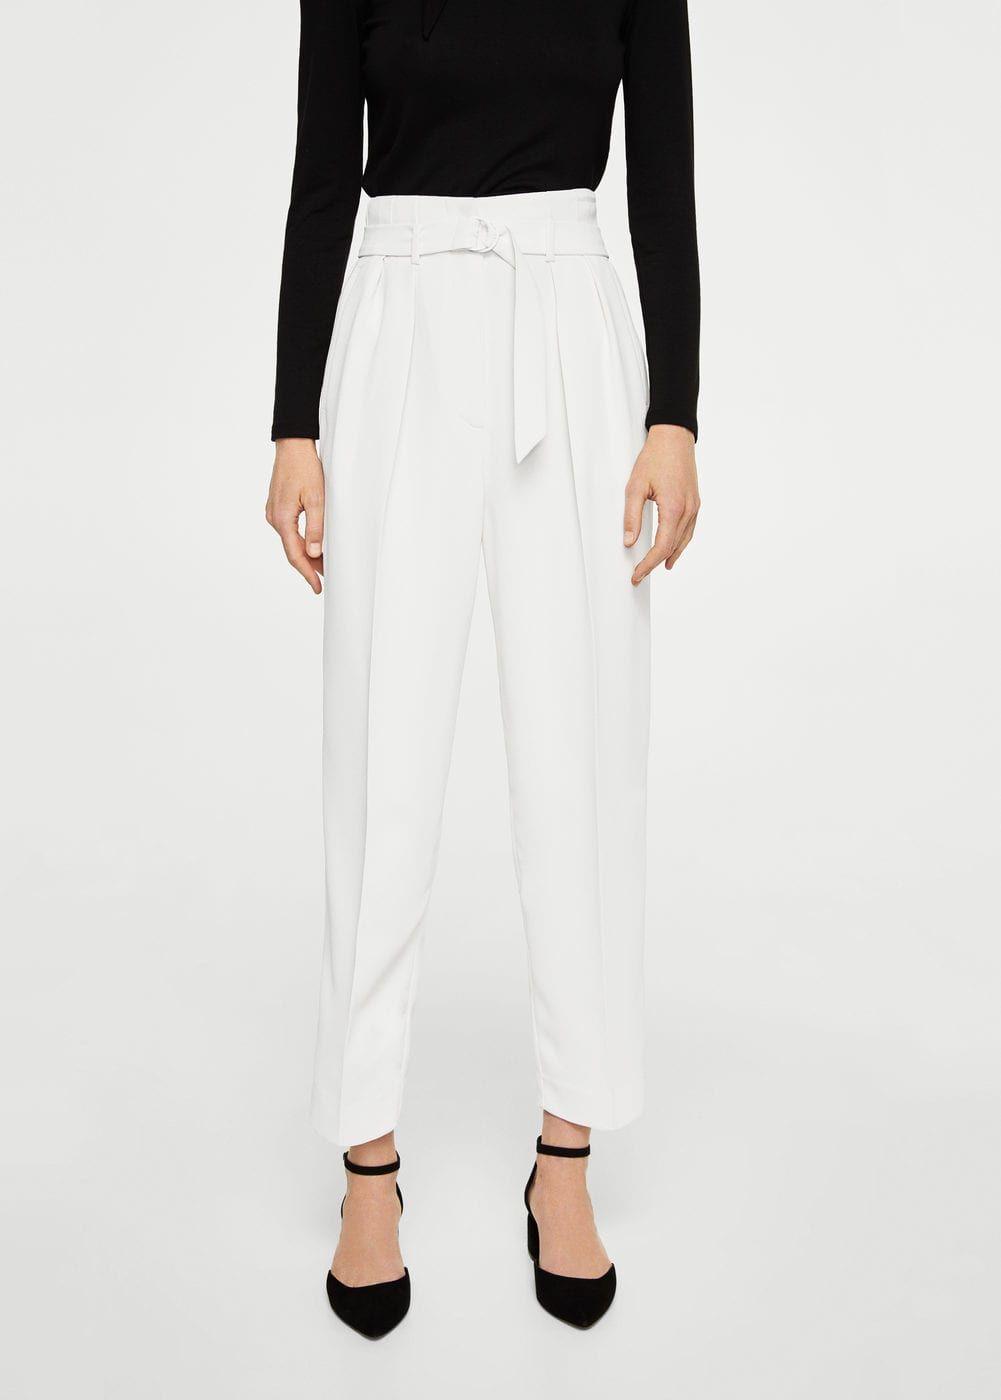 Pantalón detalle pinzas - Mujer en 2019  891d4bf788c8